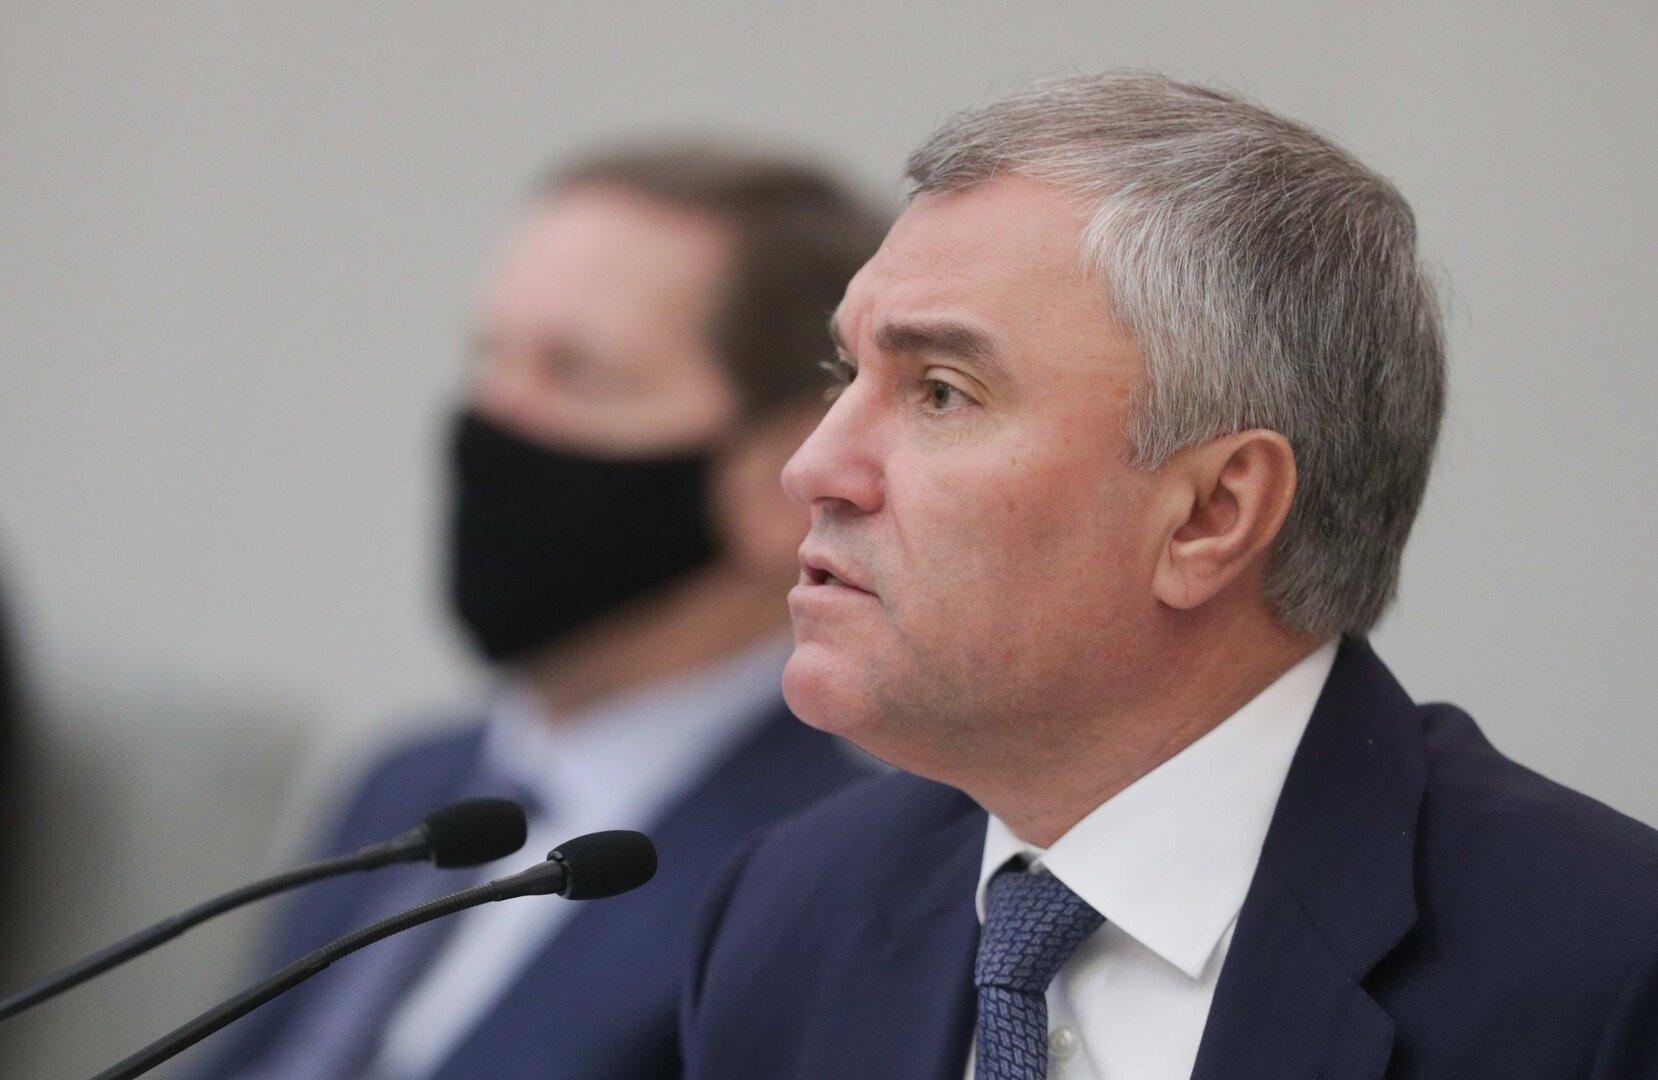 متوعدا إياها بمحكمة لاهاي.. رئيس الدوما الروسي يطالب حكومة أوكرانيا بوقف التصعيد في دونباس